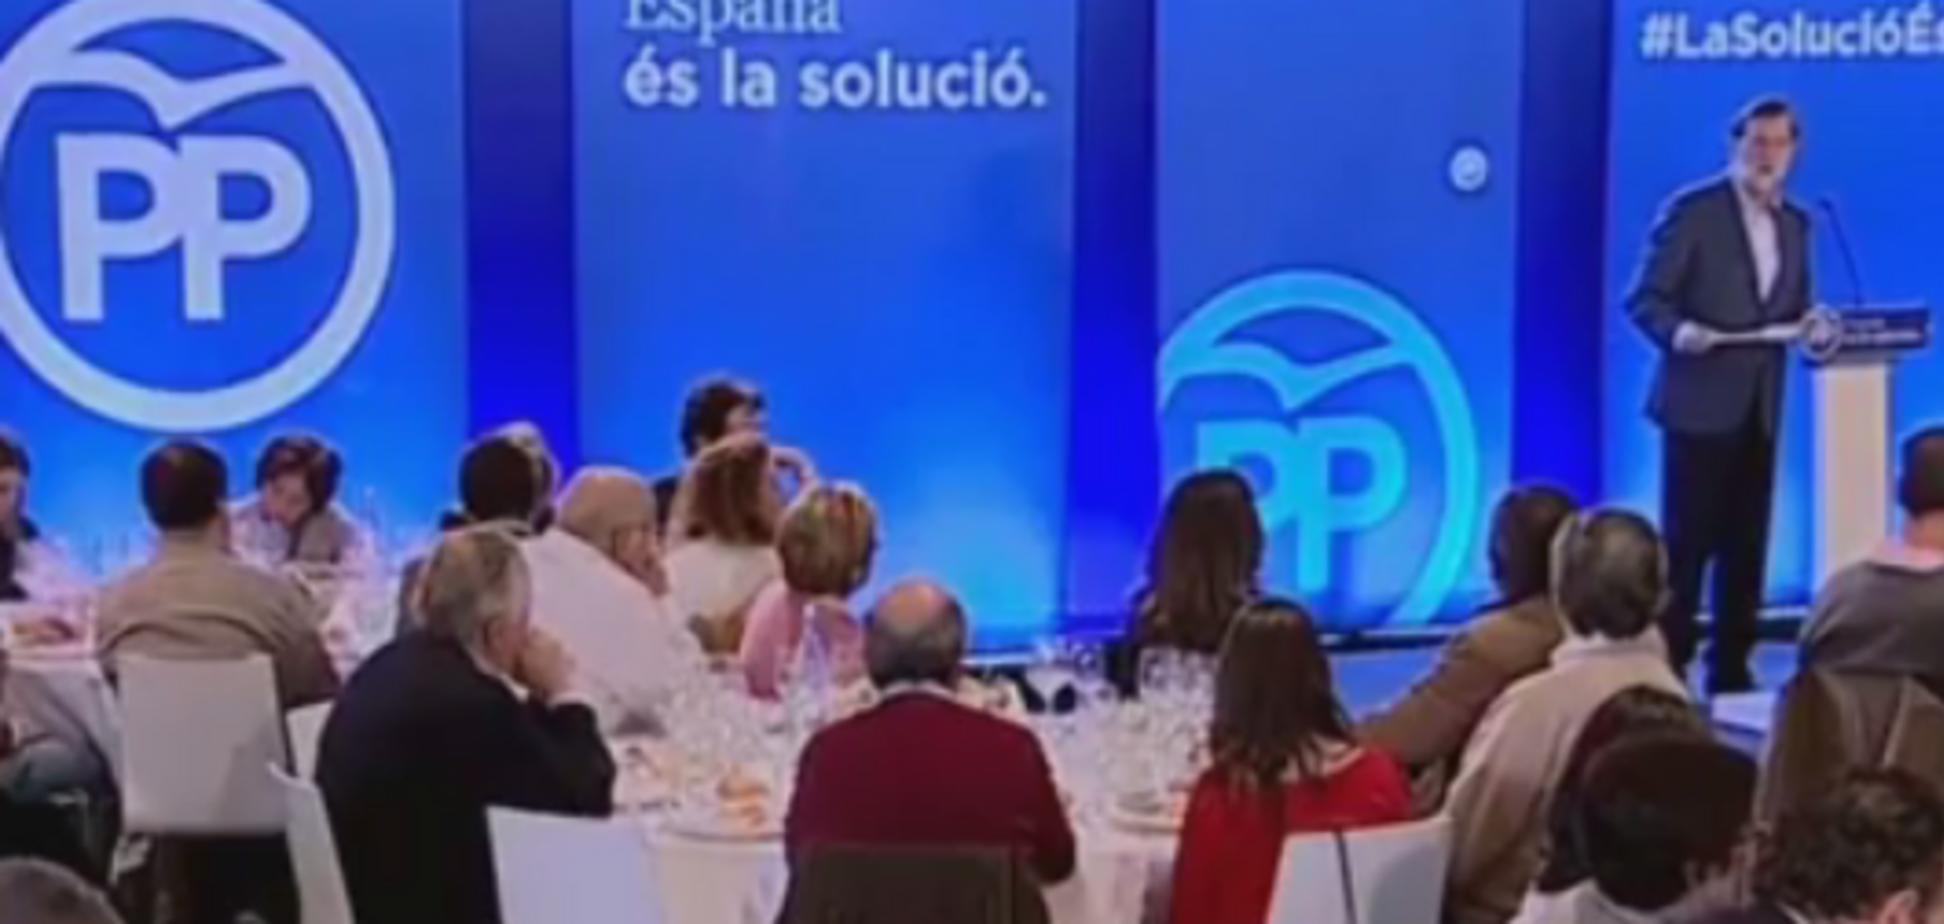 Конец сепаратизму: премьер Испании сделал громкое заявление о Каталонии